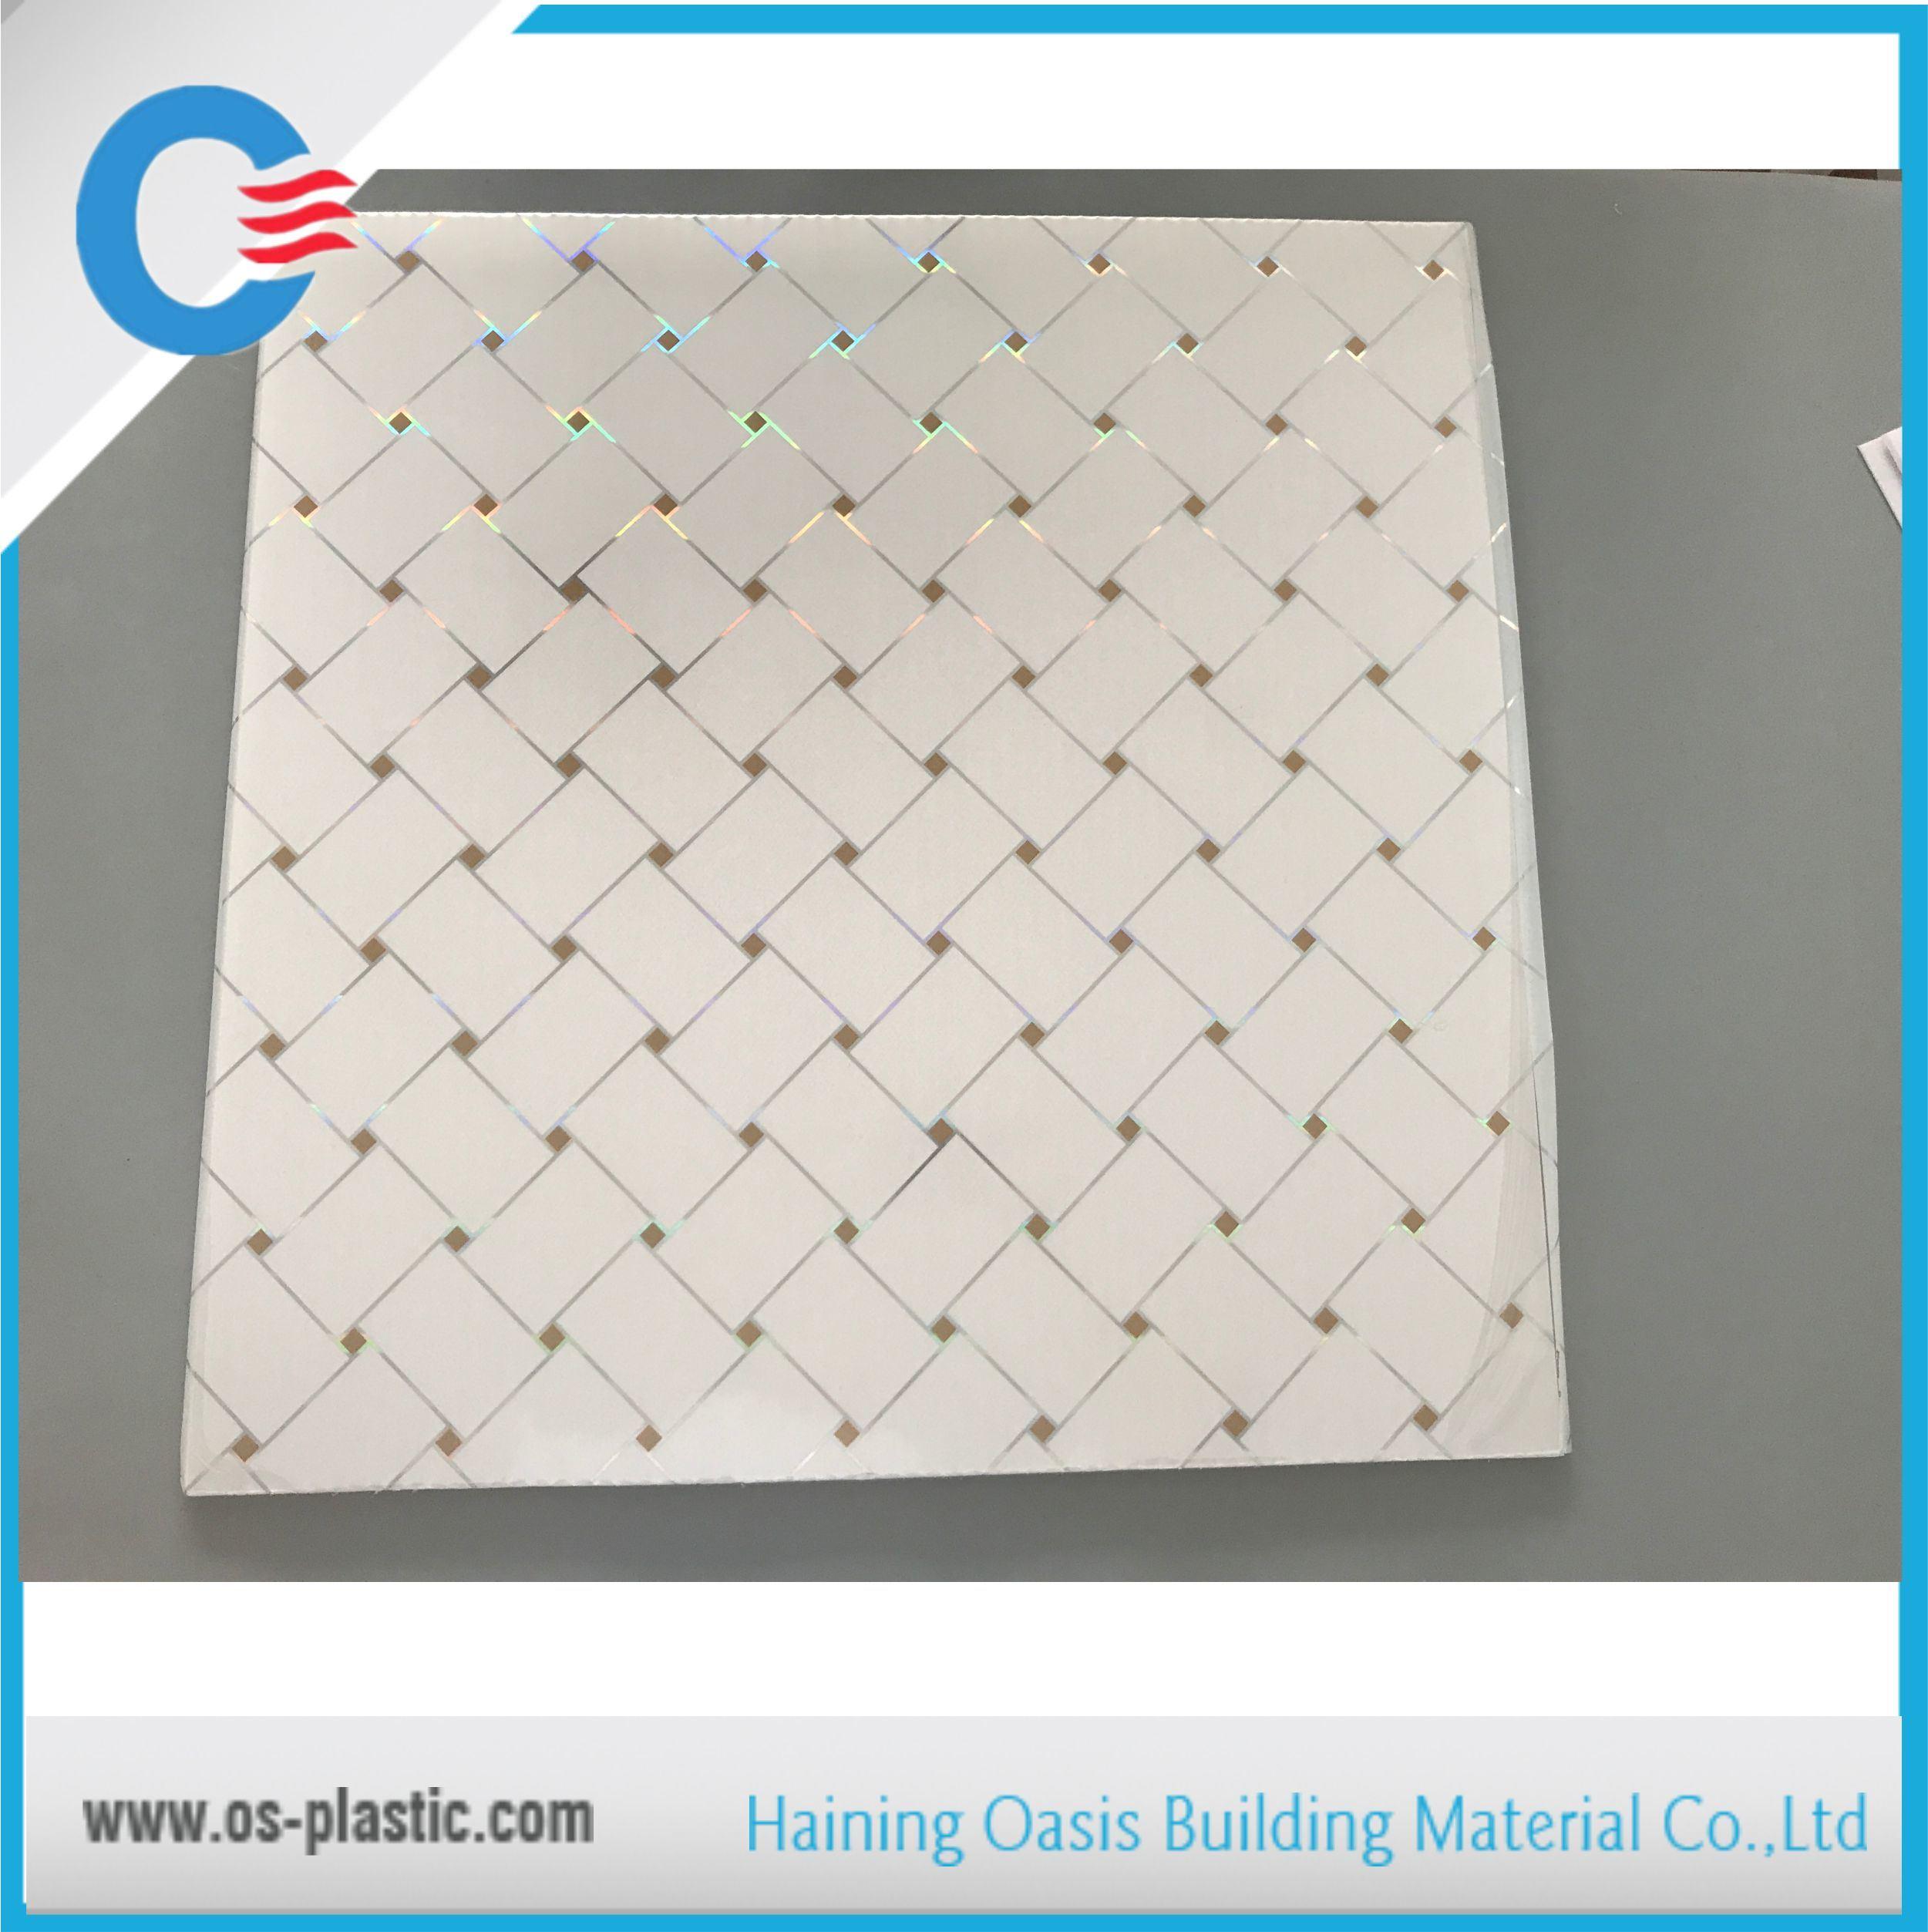 builders dsc tiles ceiling decorative illume bathroom ceilings tile net lightneasy warehouse www